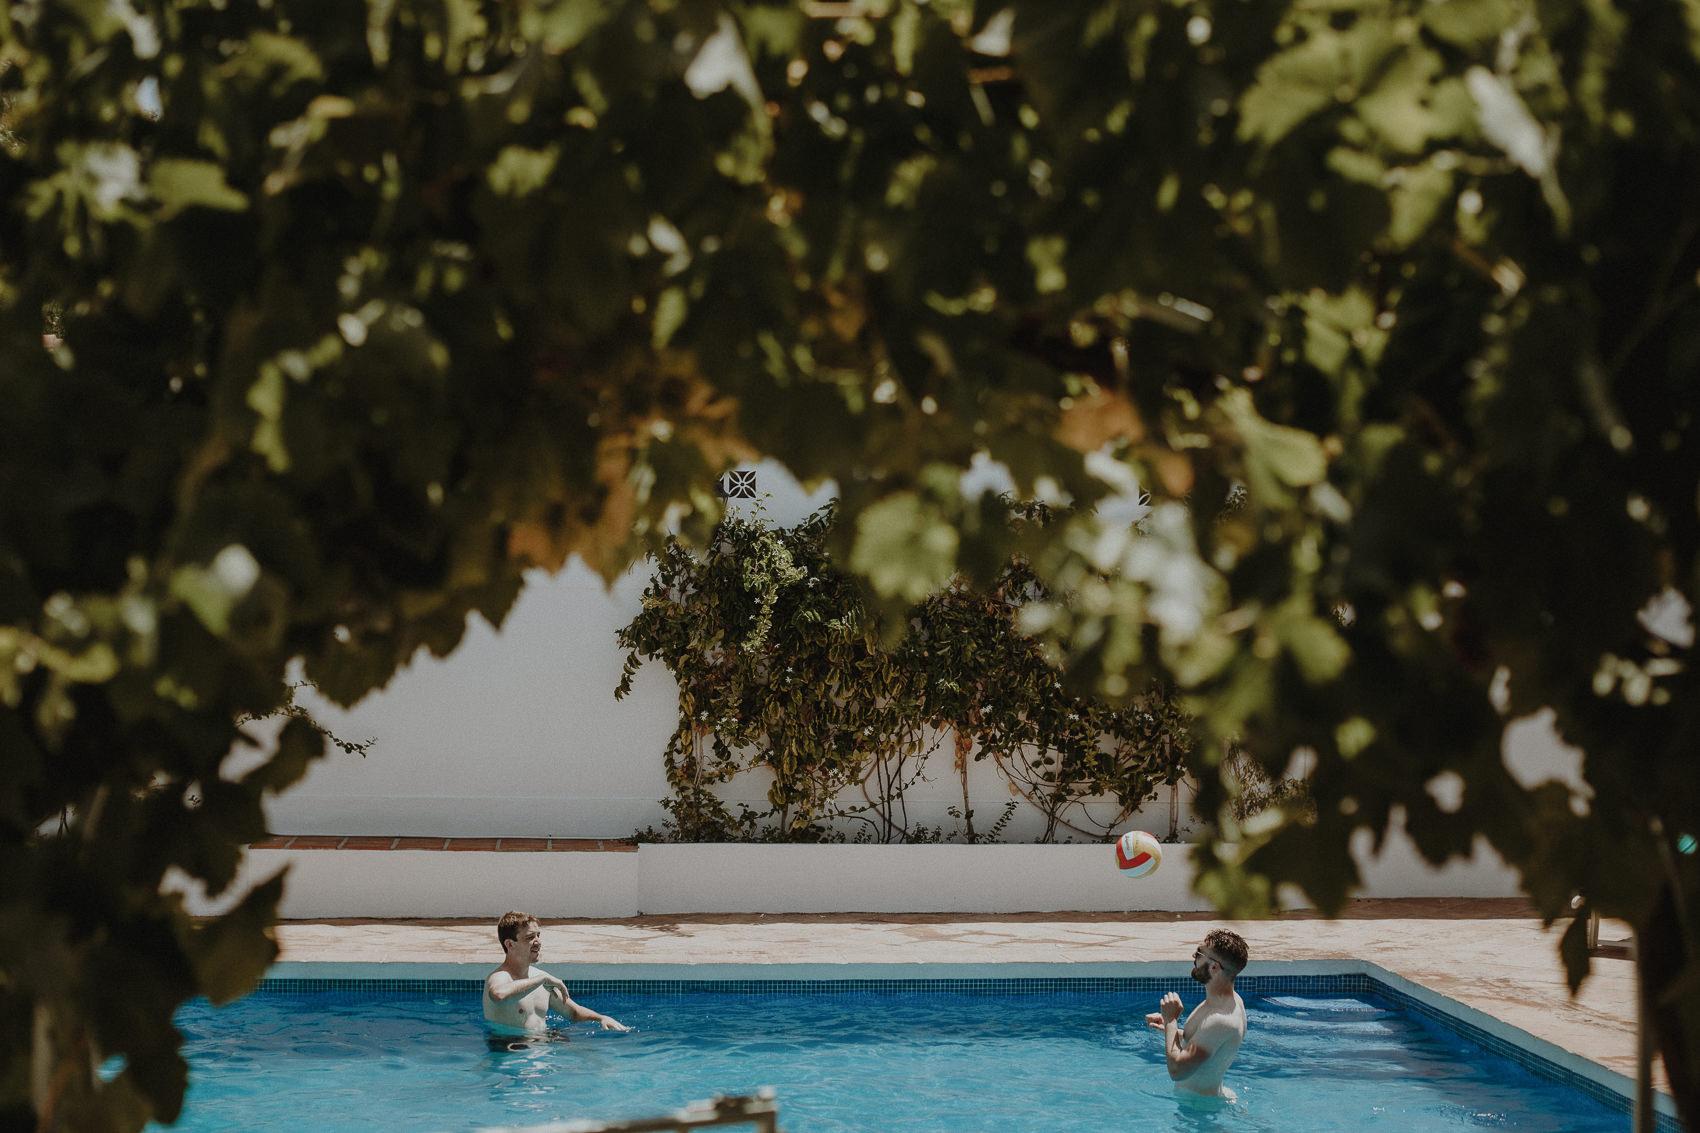 Sarah & Bill | Summer wedding at Cortijo Rosa Blanca | Marbella - Spain 8